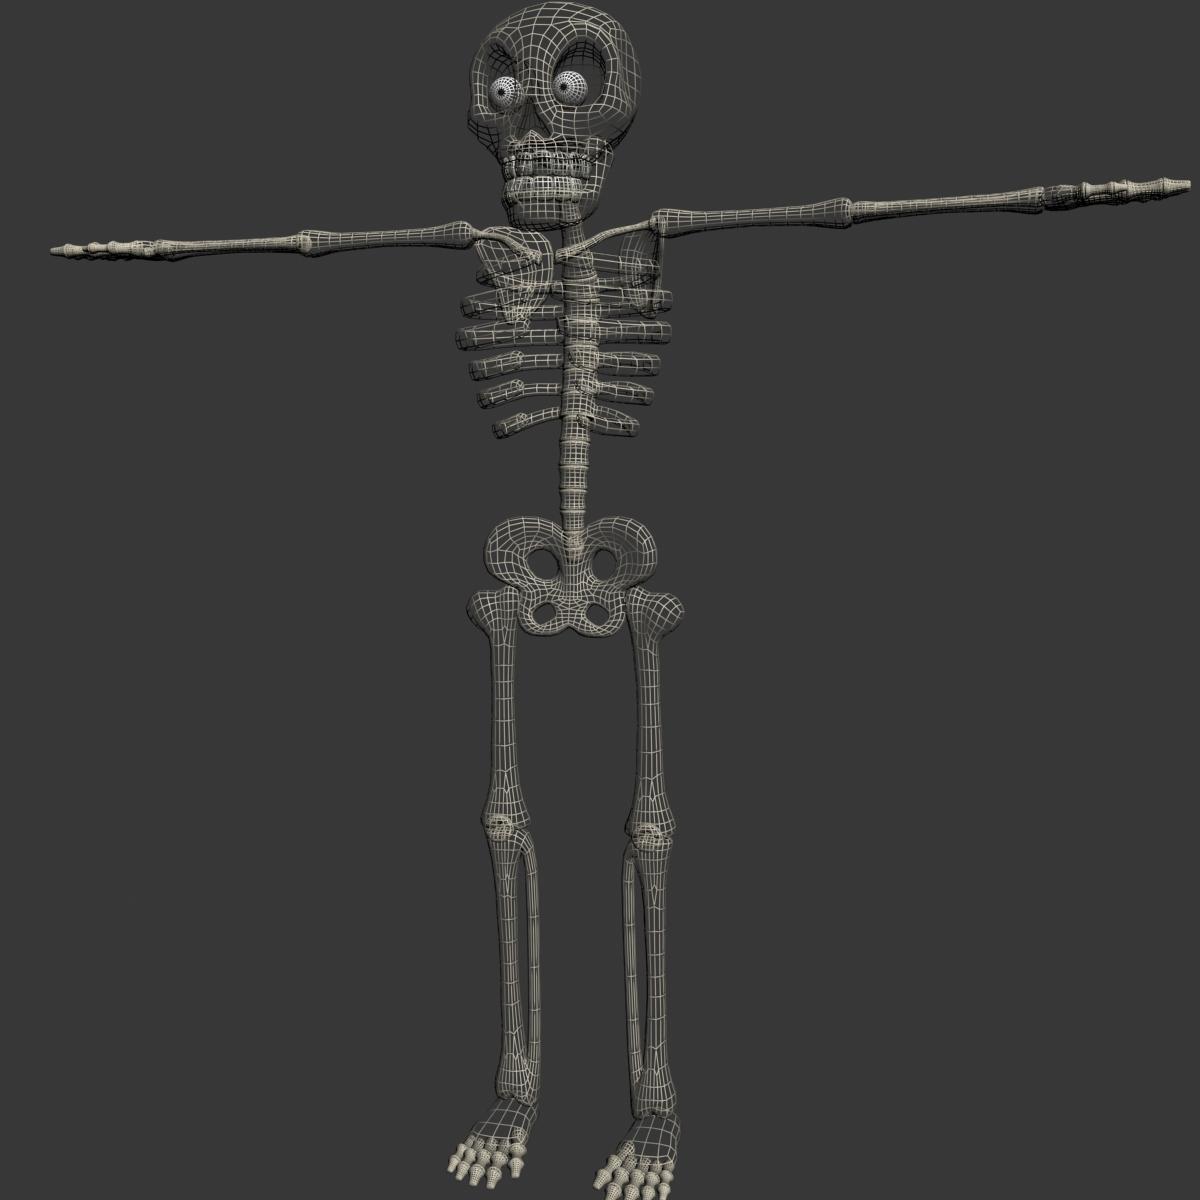 karikatūra skelets rigged 3d modelis 3ds max fbx obj 215125